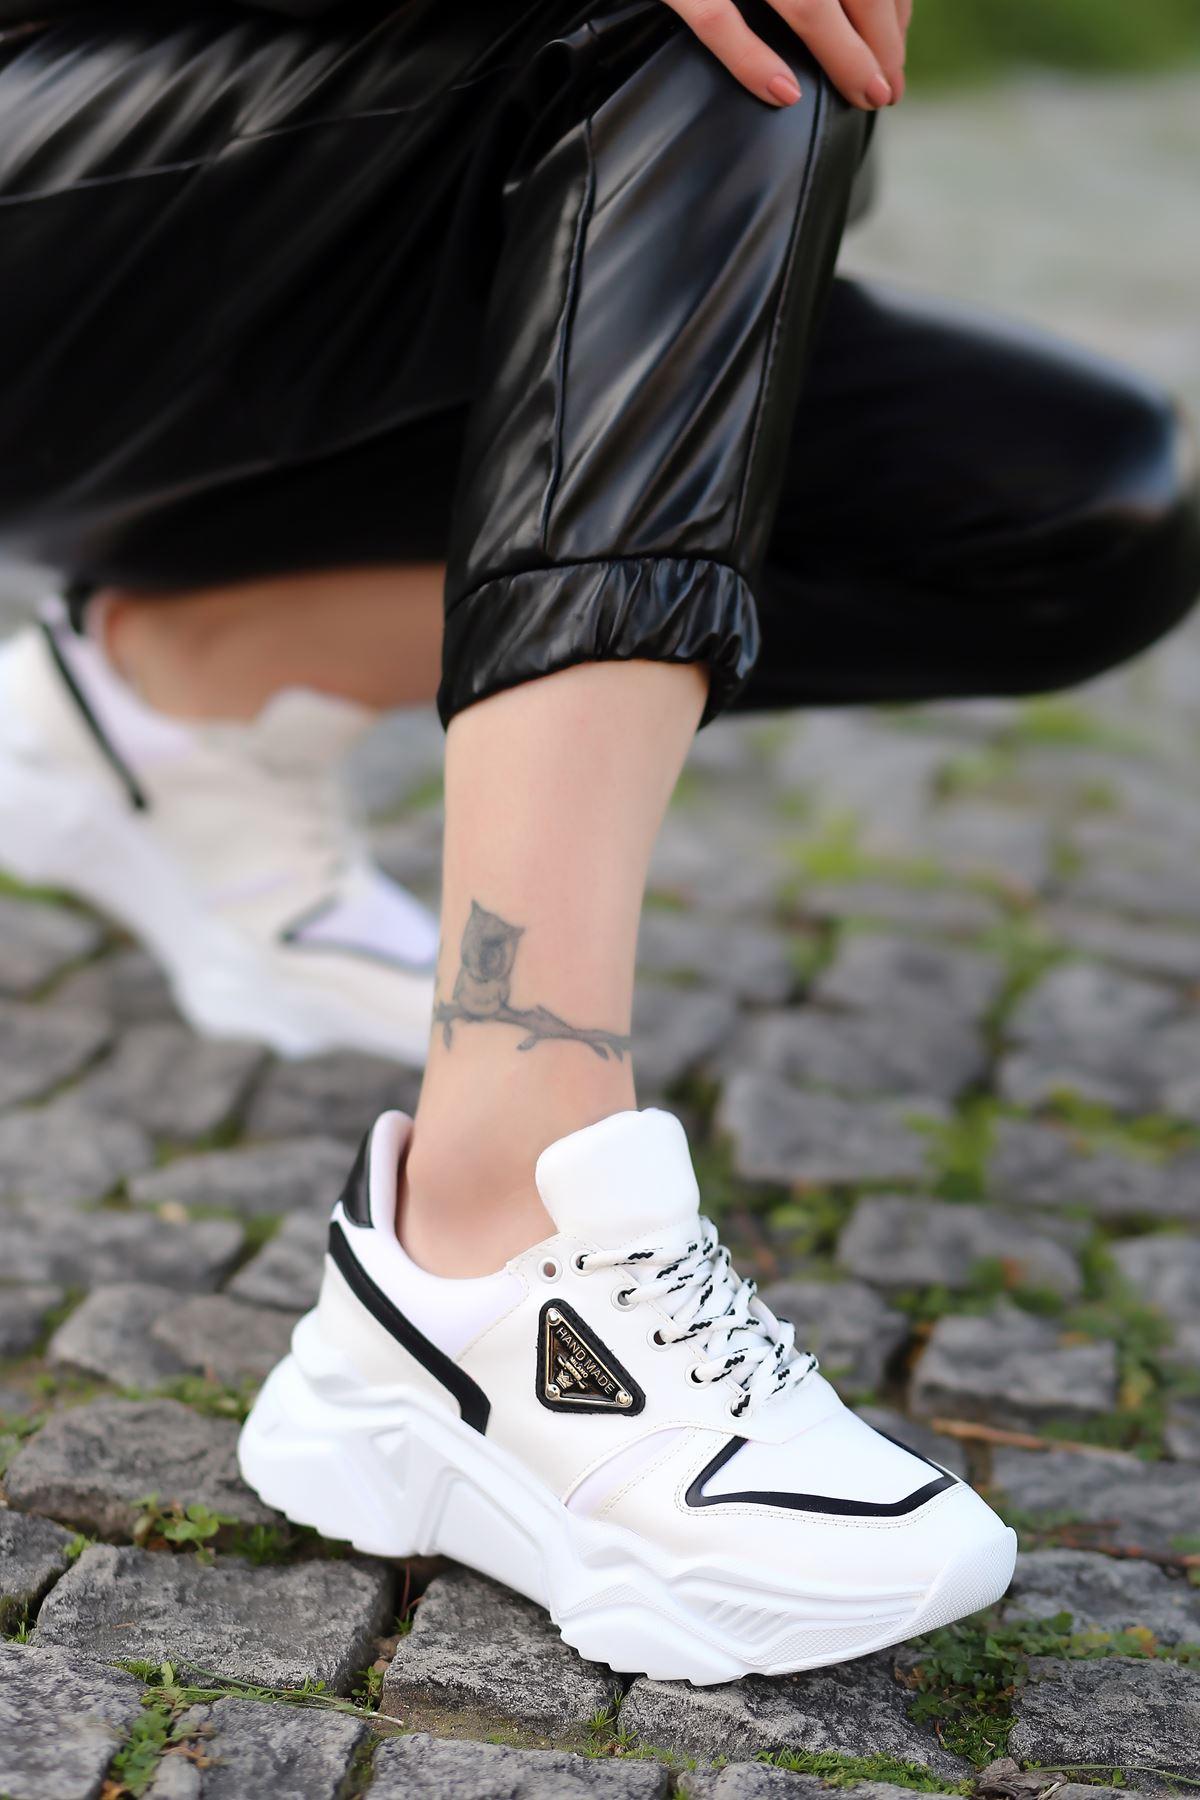 Stolz Arma Detaylı Bağcıklı Beyaz Kadın Spor Ayakkabı